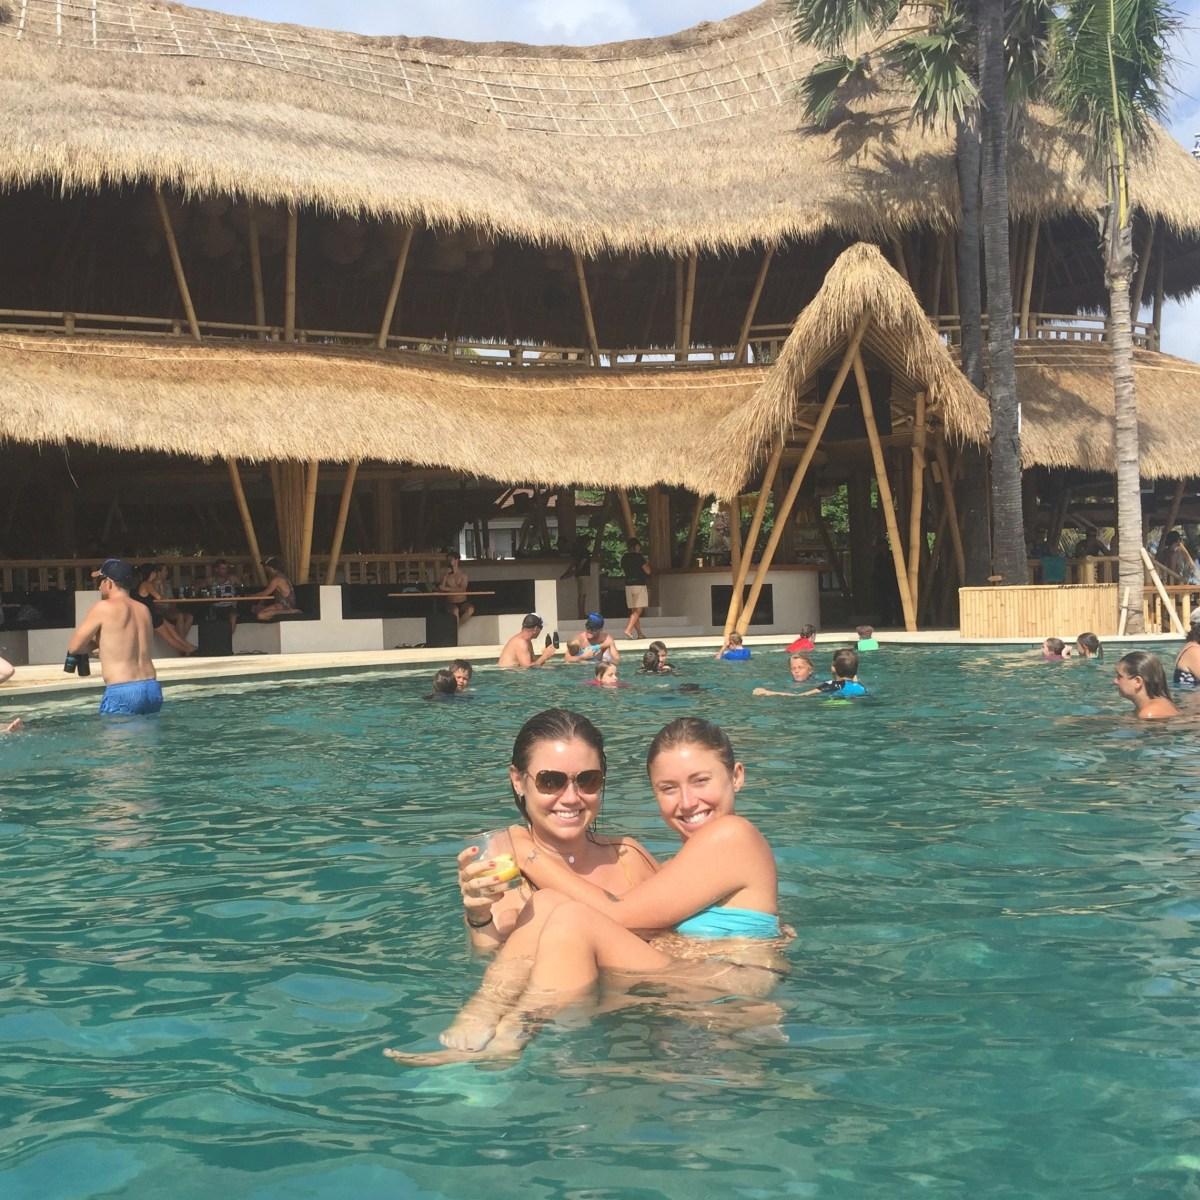 Finns beach club, canggu, Bali